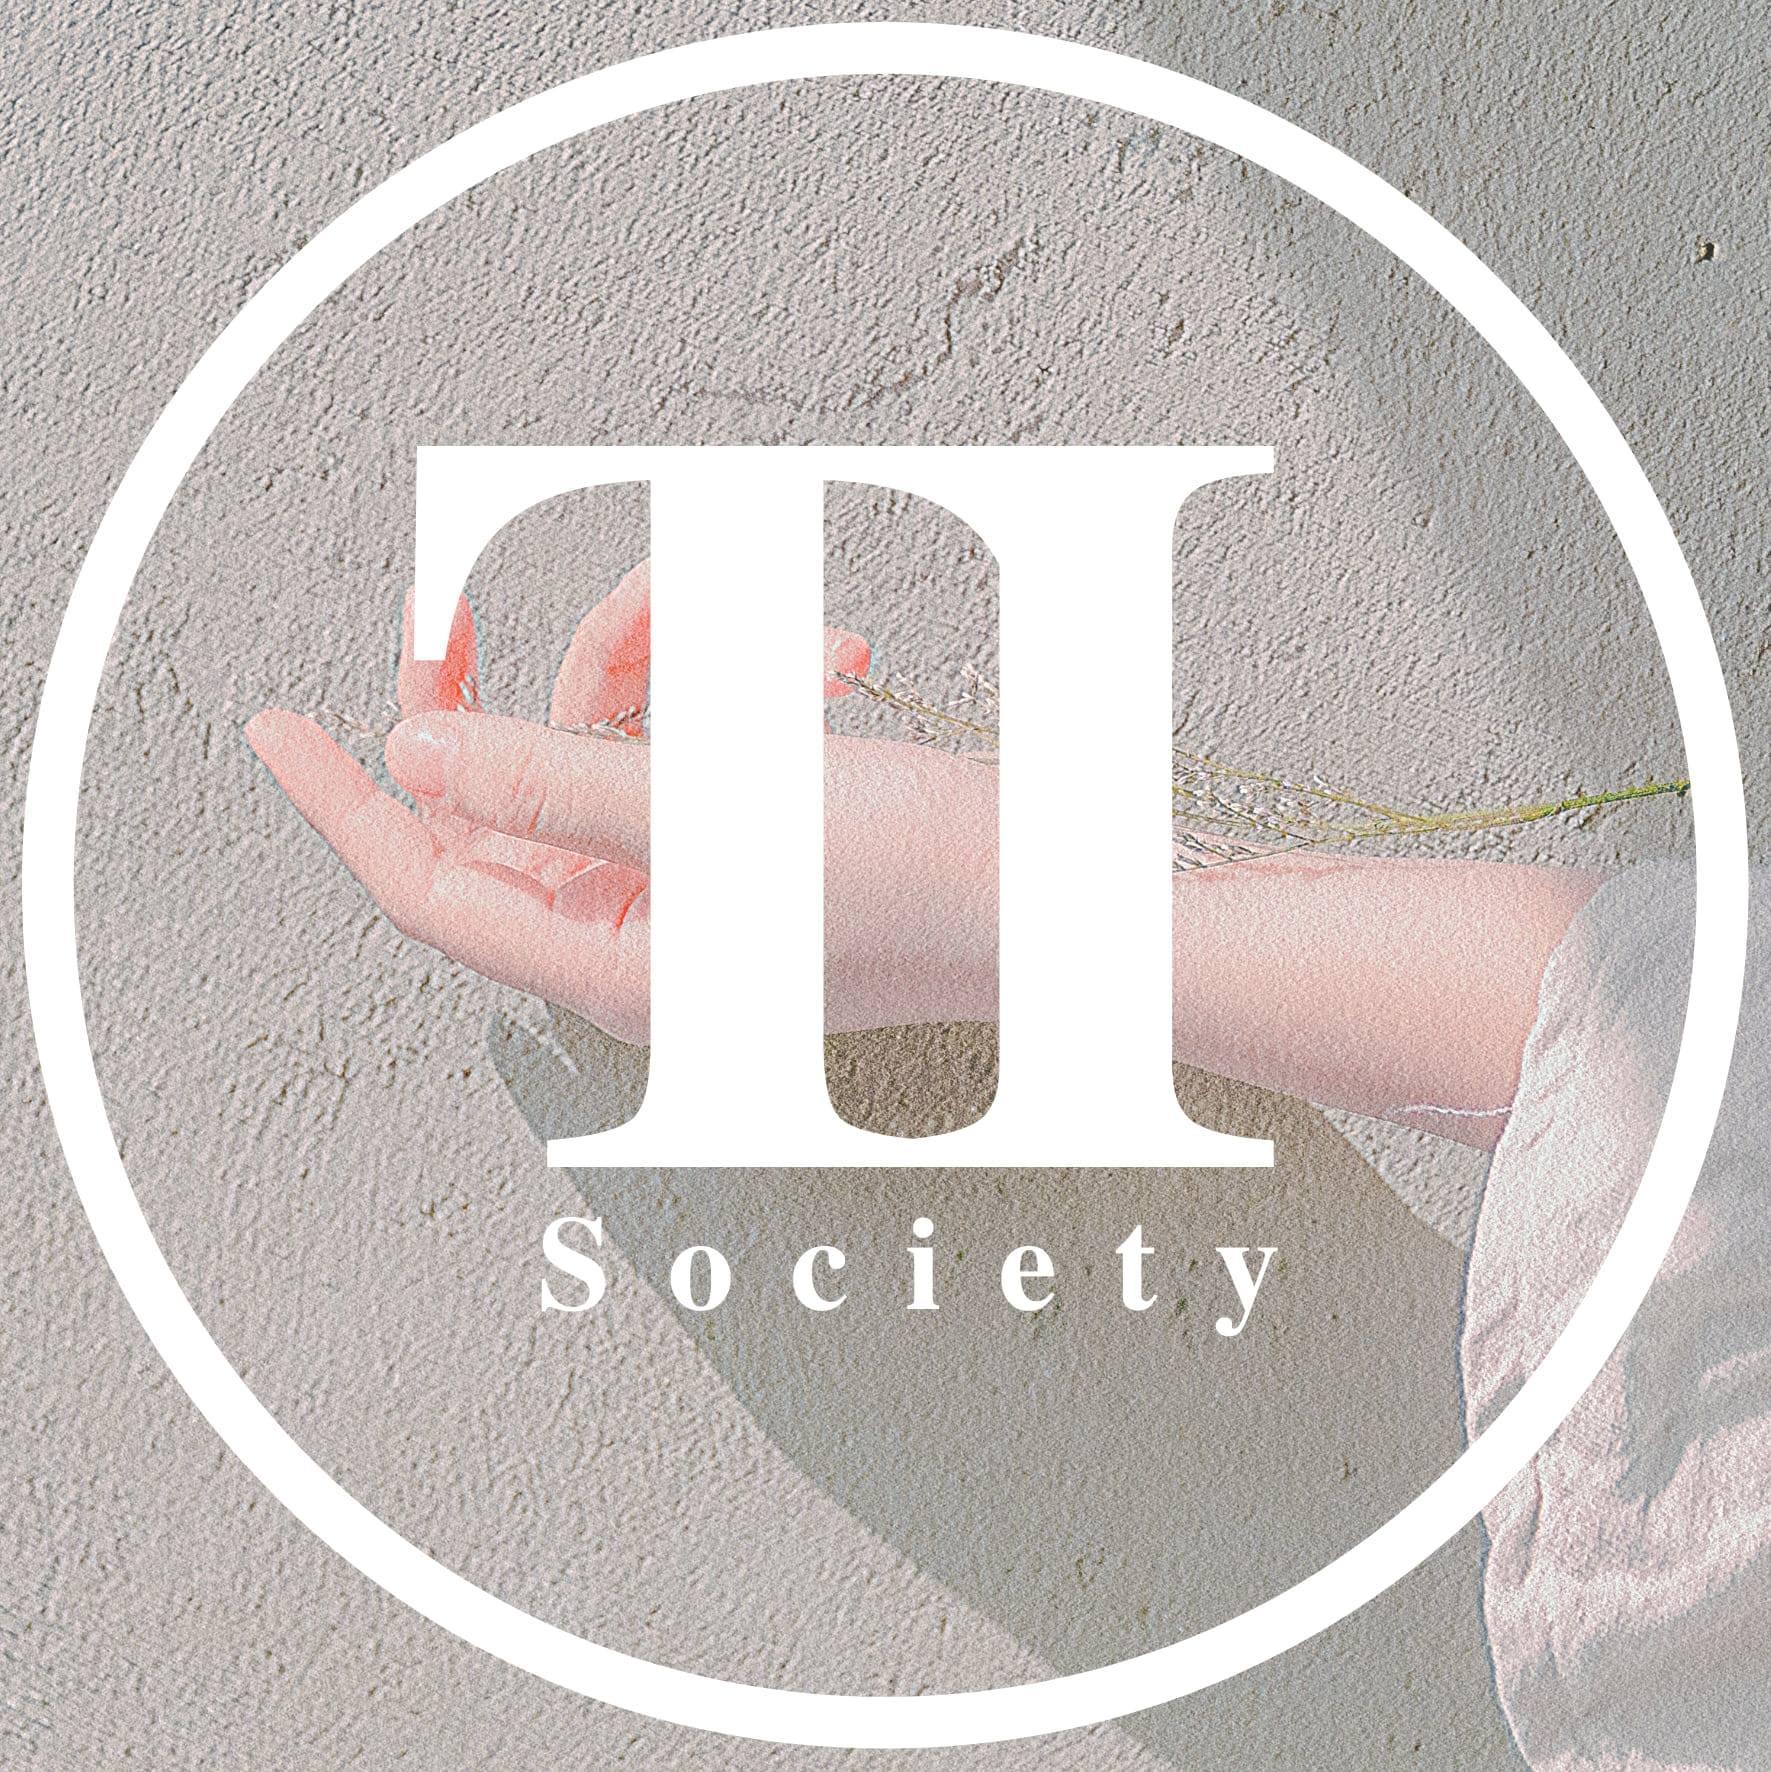 The Individual Society